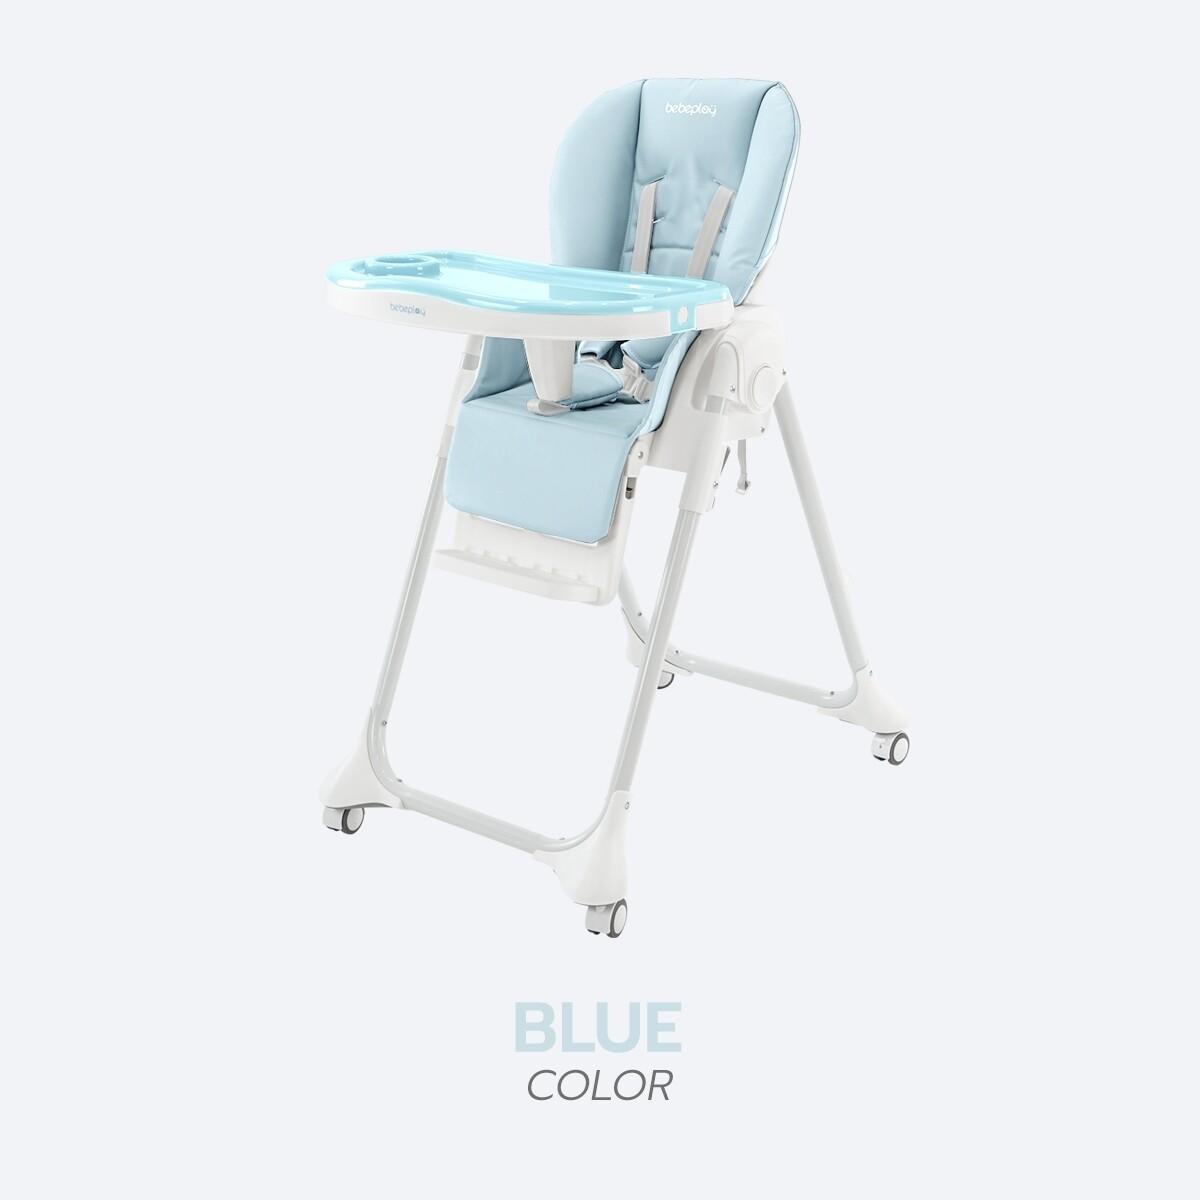 เก้าอี้กินข้าวเด็ก BebePlay รุ่น Colorful เบาะหนัง PU ถอดซักได้ ปรับสูงได้ 8 ระดับ มีล้อ ถอดได้ พร้อมถาดอาหาร 2 ชั้น วัสดุ HDPE FOODGRADE / BPA Free